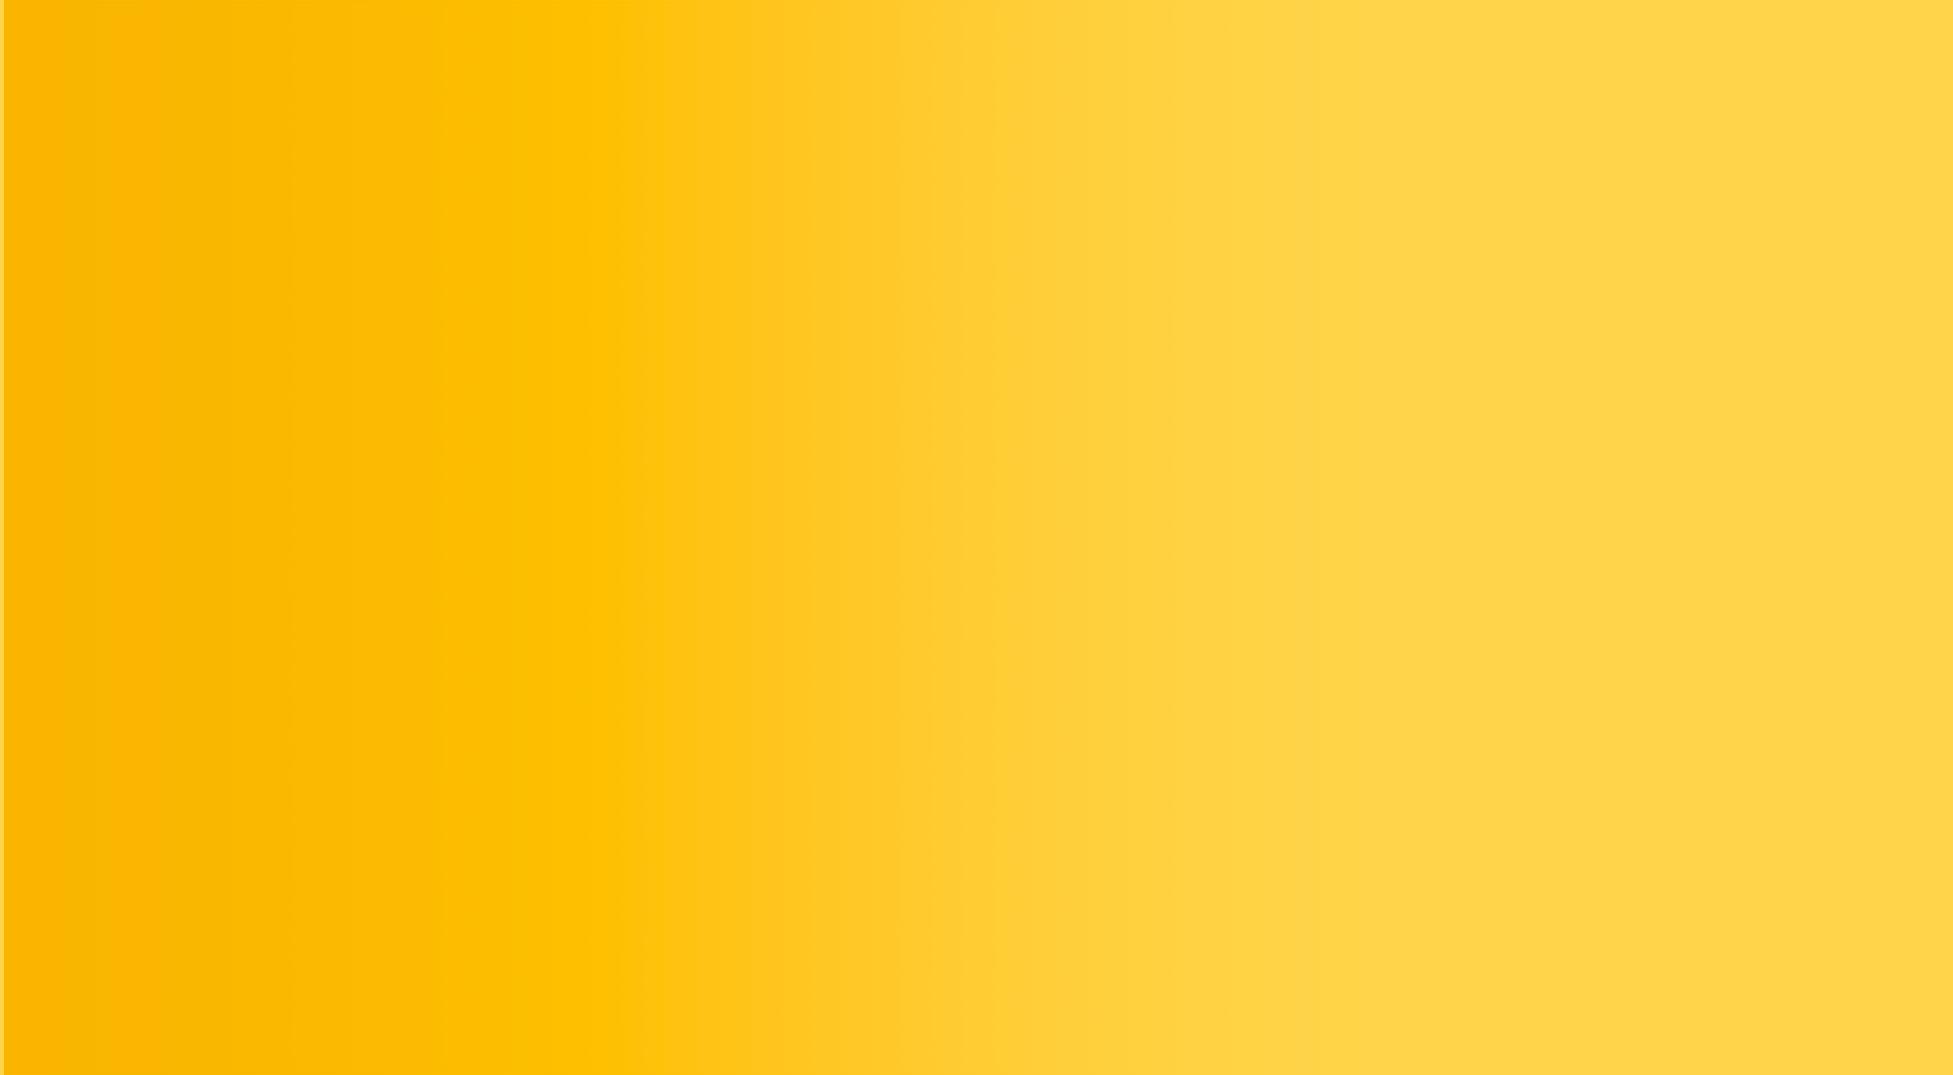 amarillo fondo